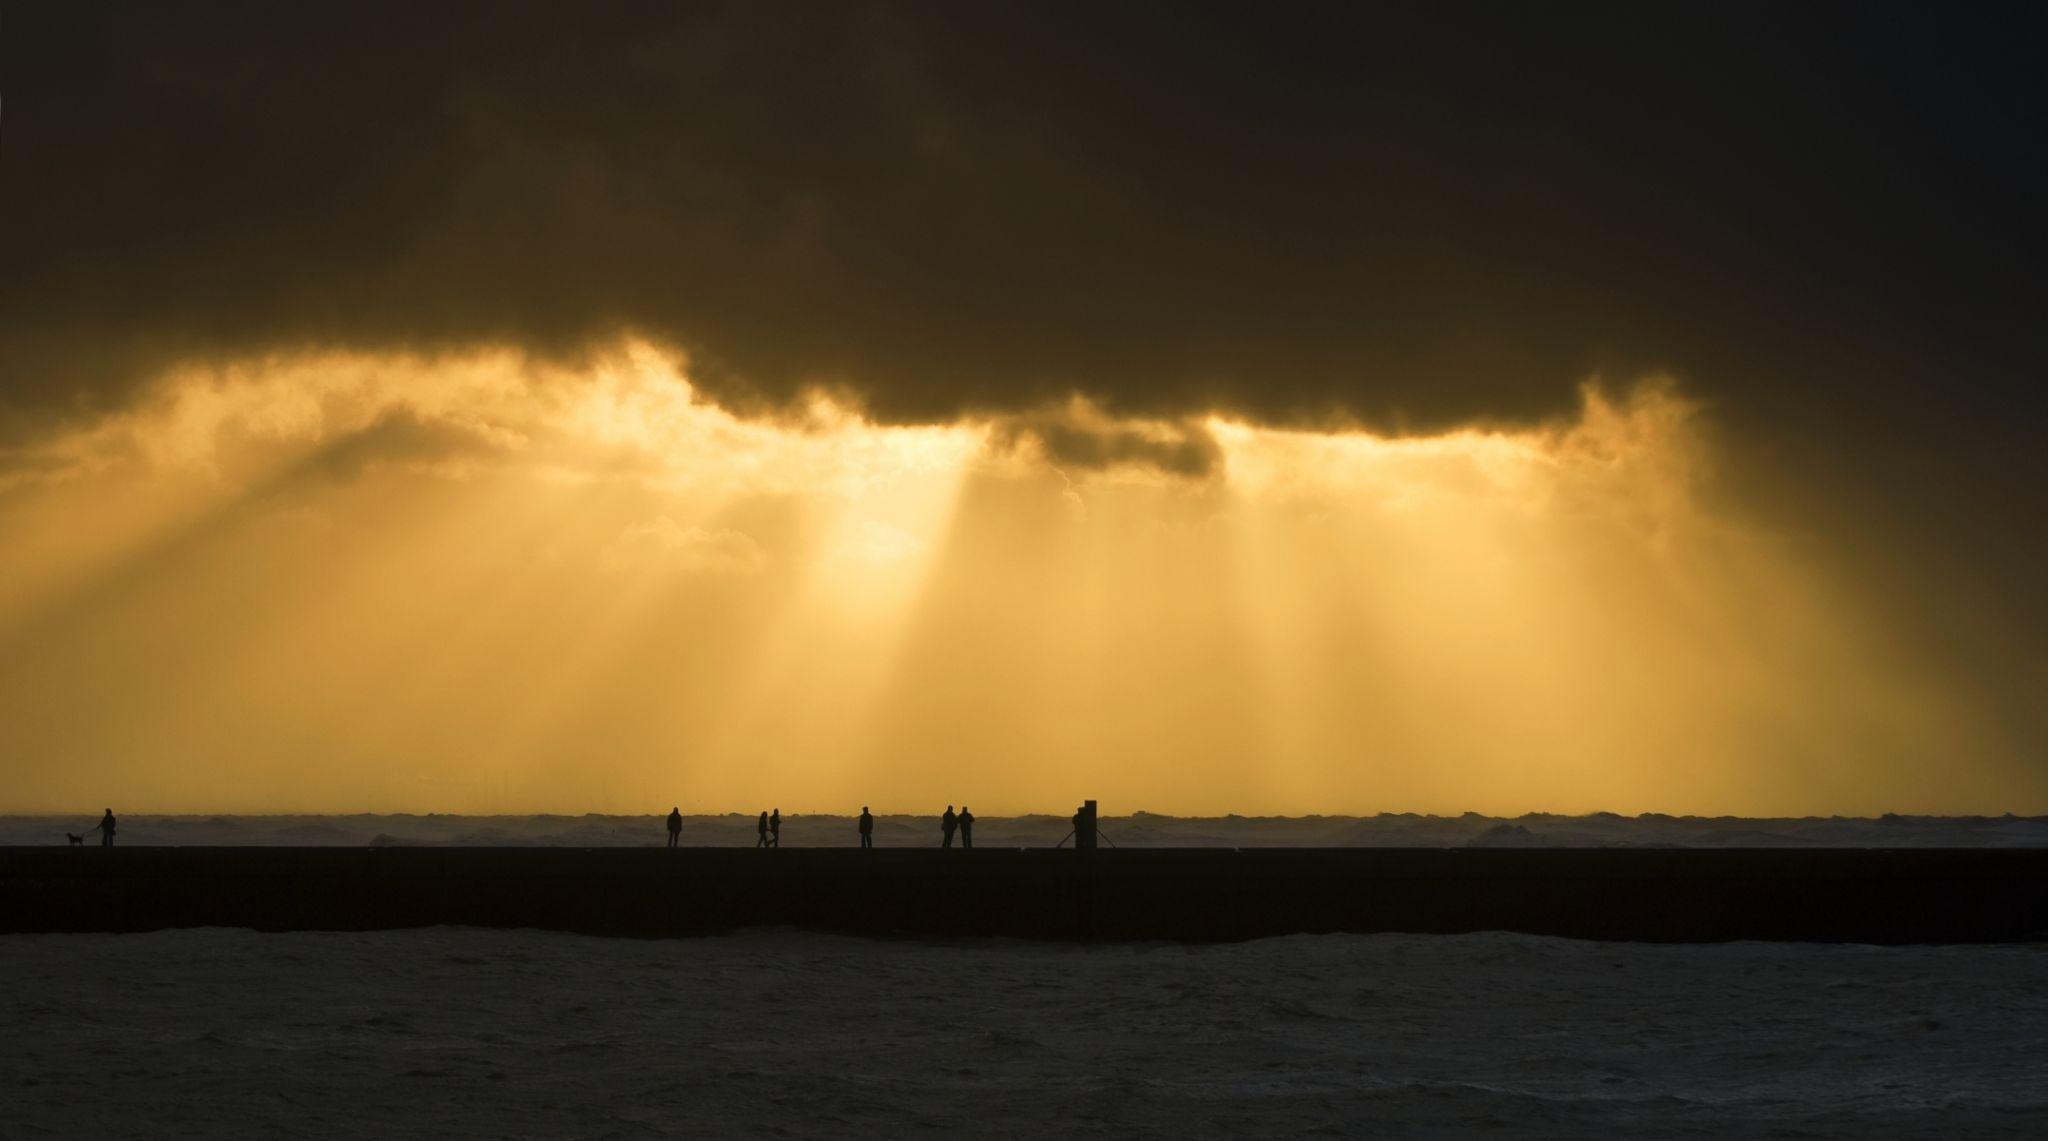 Scheveningen beach with view on the harbour, Netherlands